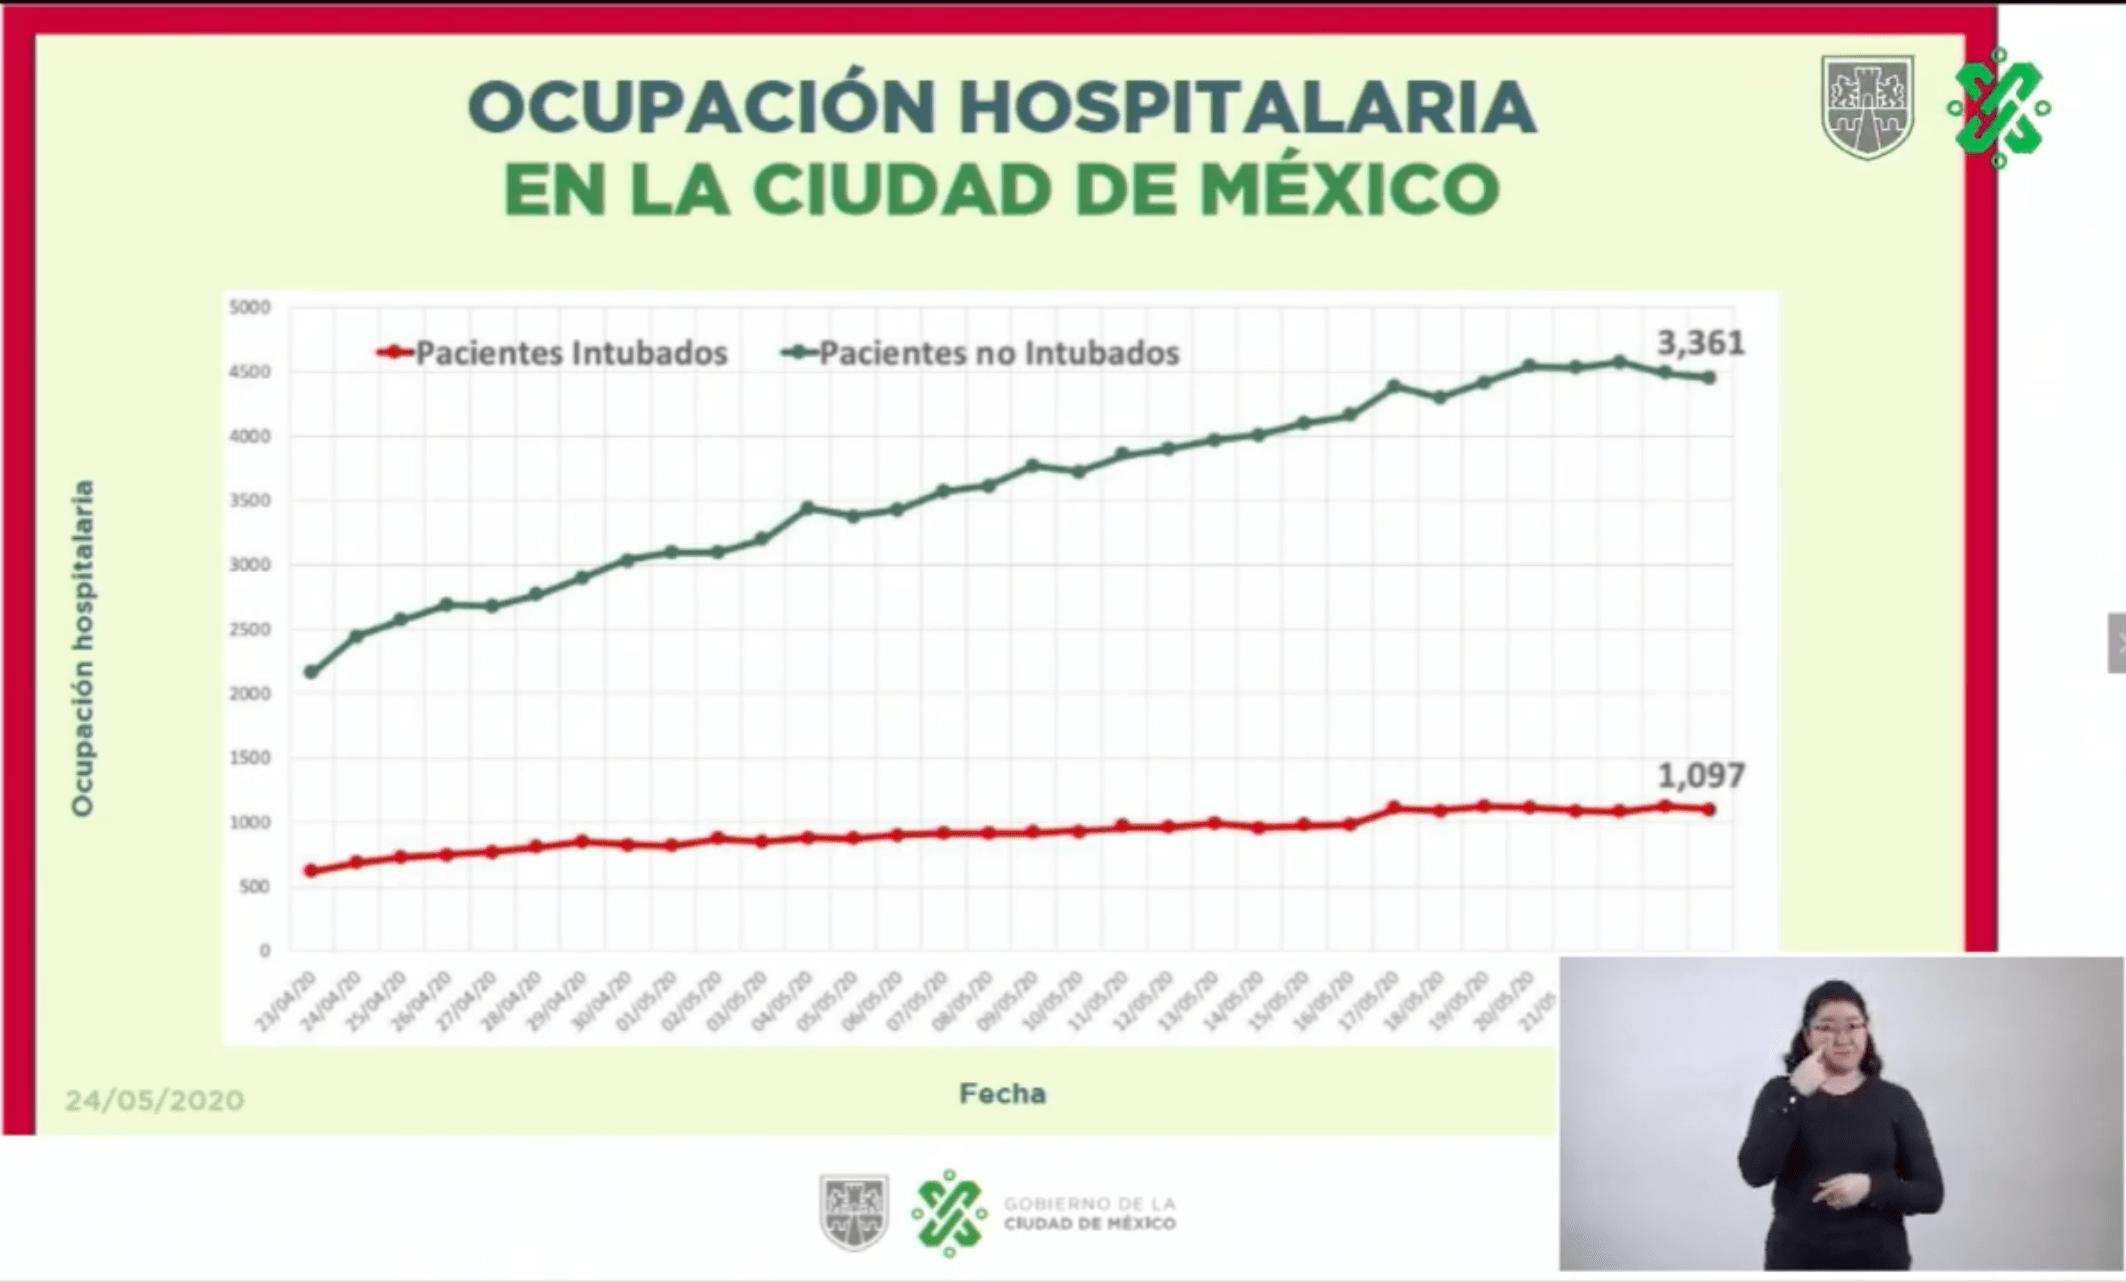 Ocupación Hospitalaria en la Ciudad de México. Datos de GobCDMX.